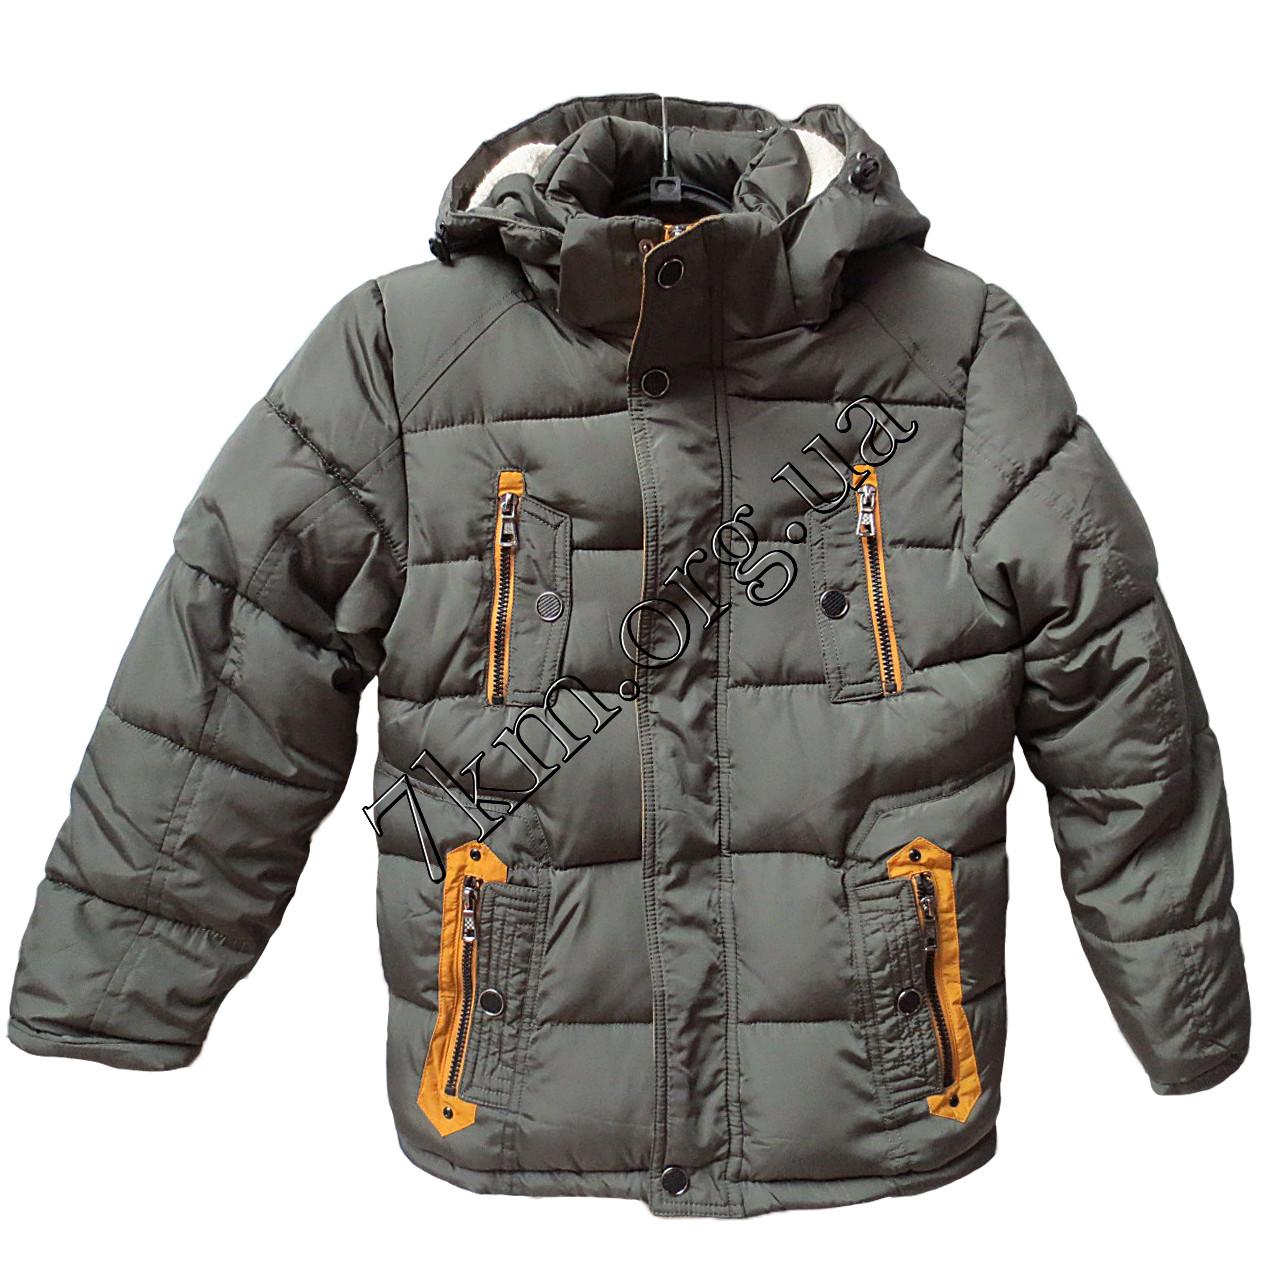 Детская куртка для мальчиков 128-140 см. хаки Китай Оптом 6603